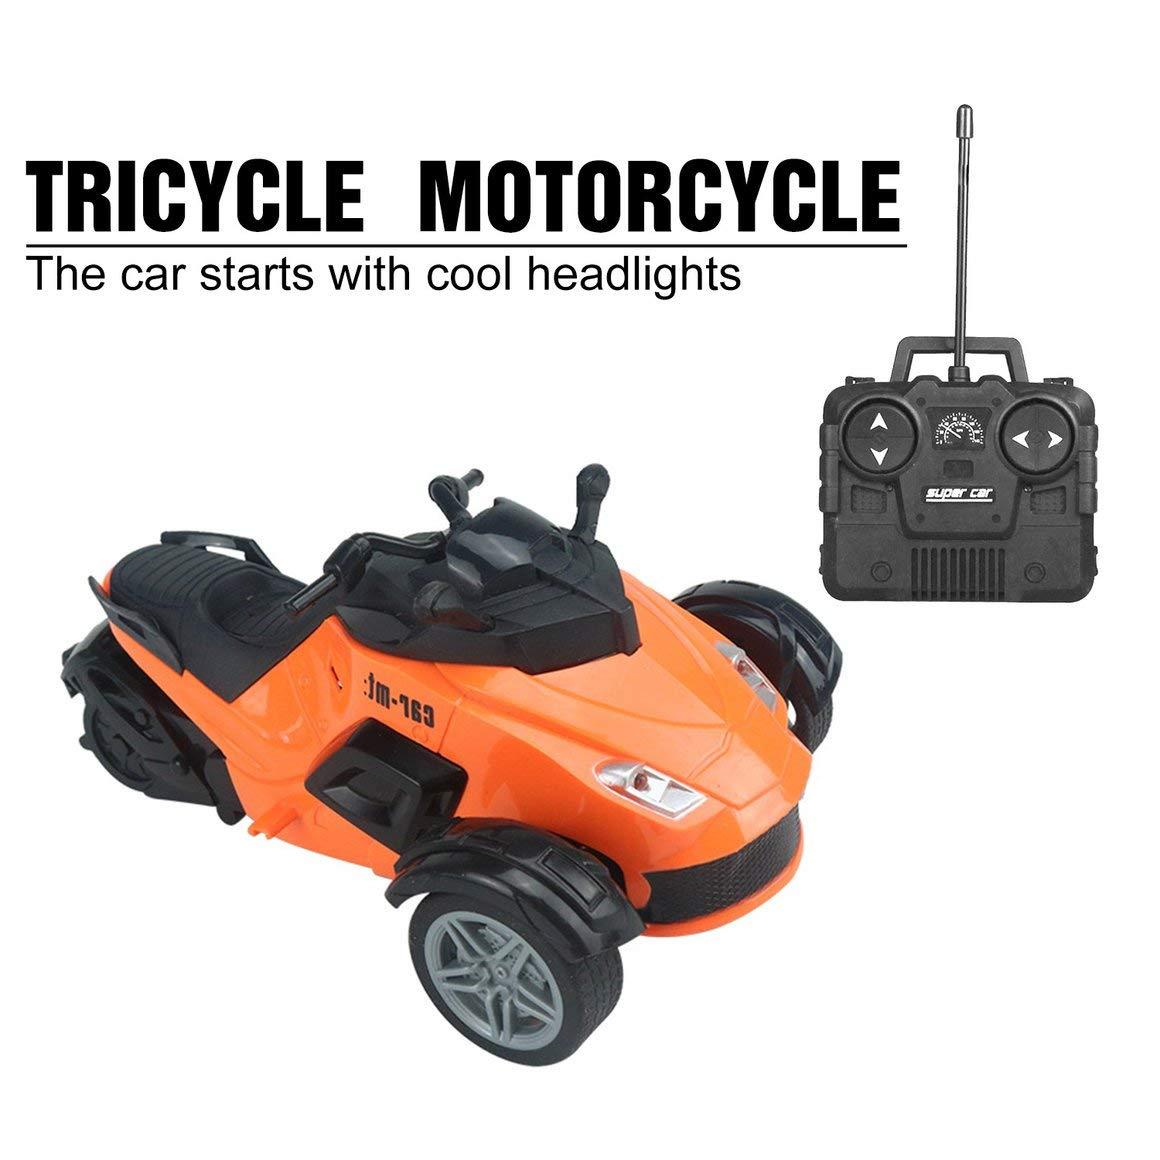 Funnyrunstore 1//14 4CH Control Remoto por Infrarrojos Coche RC Carreras de Alta Velocidad 3 Ruedas ATV Triciclo de Motocicleta Listo para Correr Juguete de veh/ículo Todo Terreno